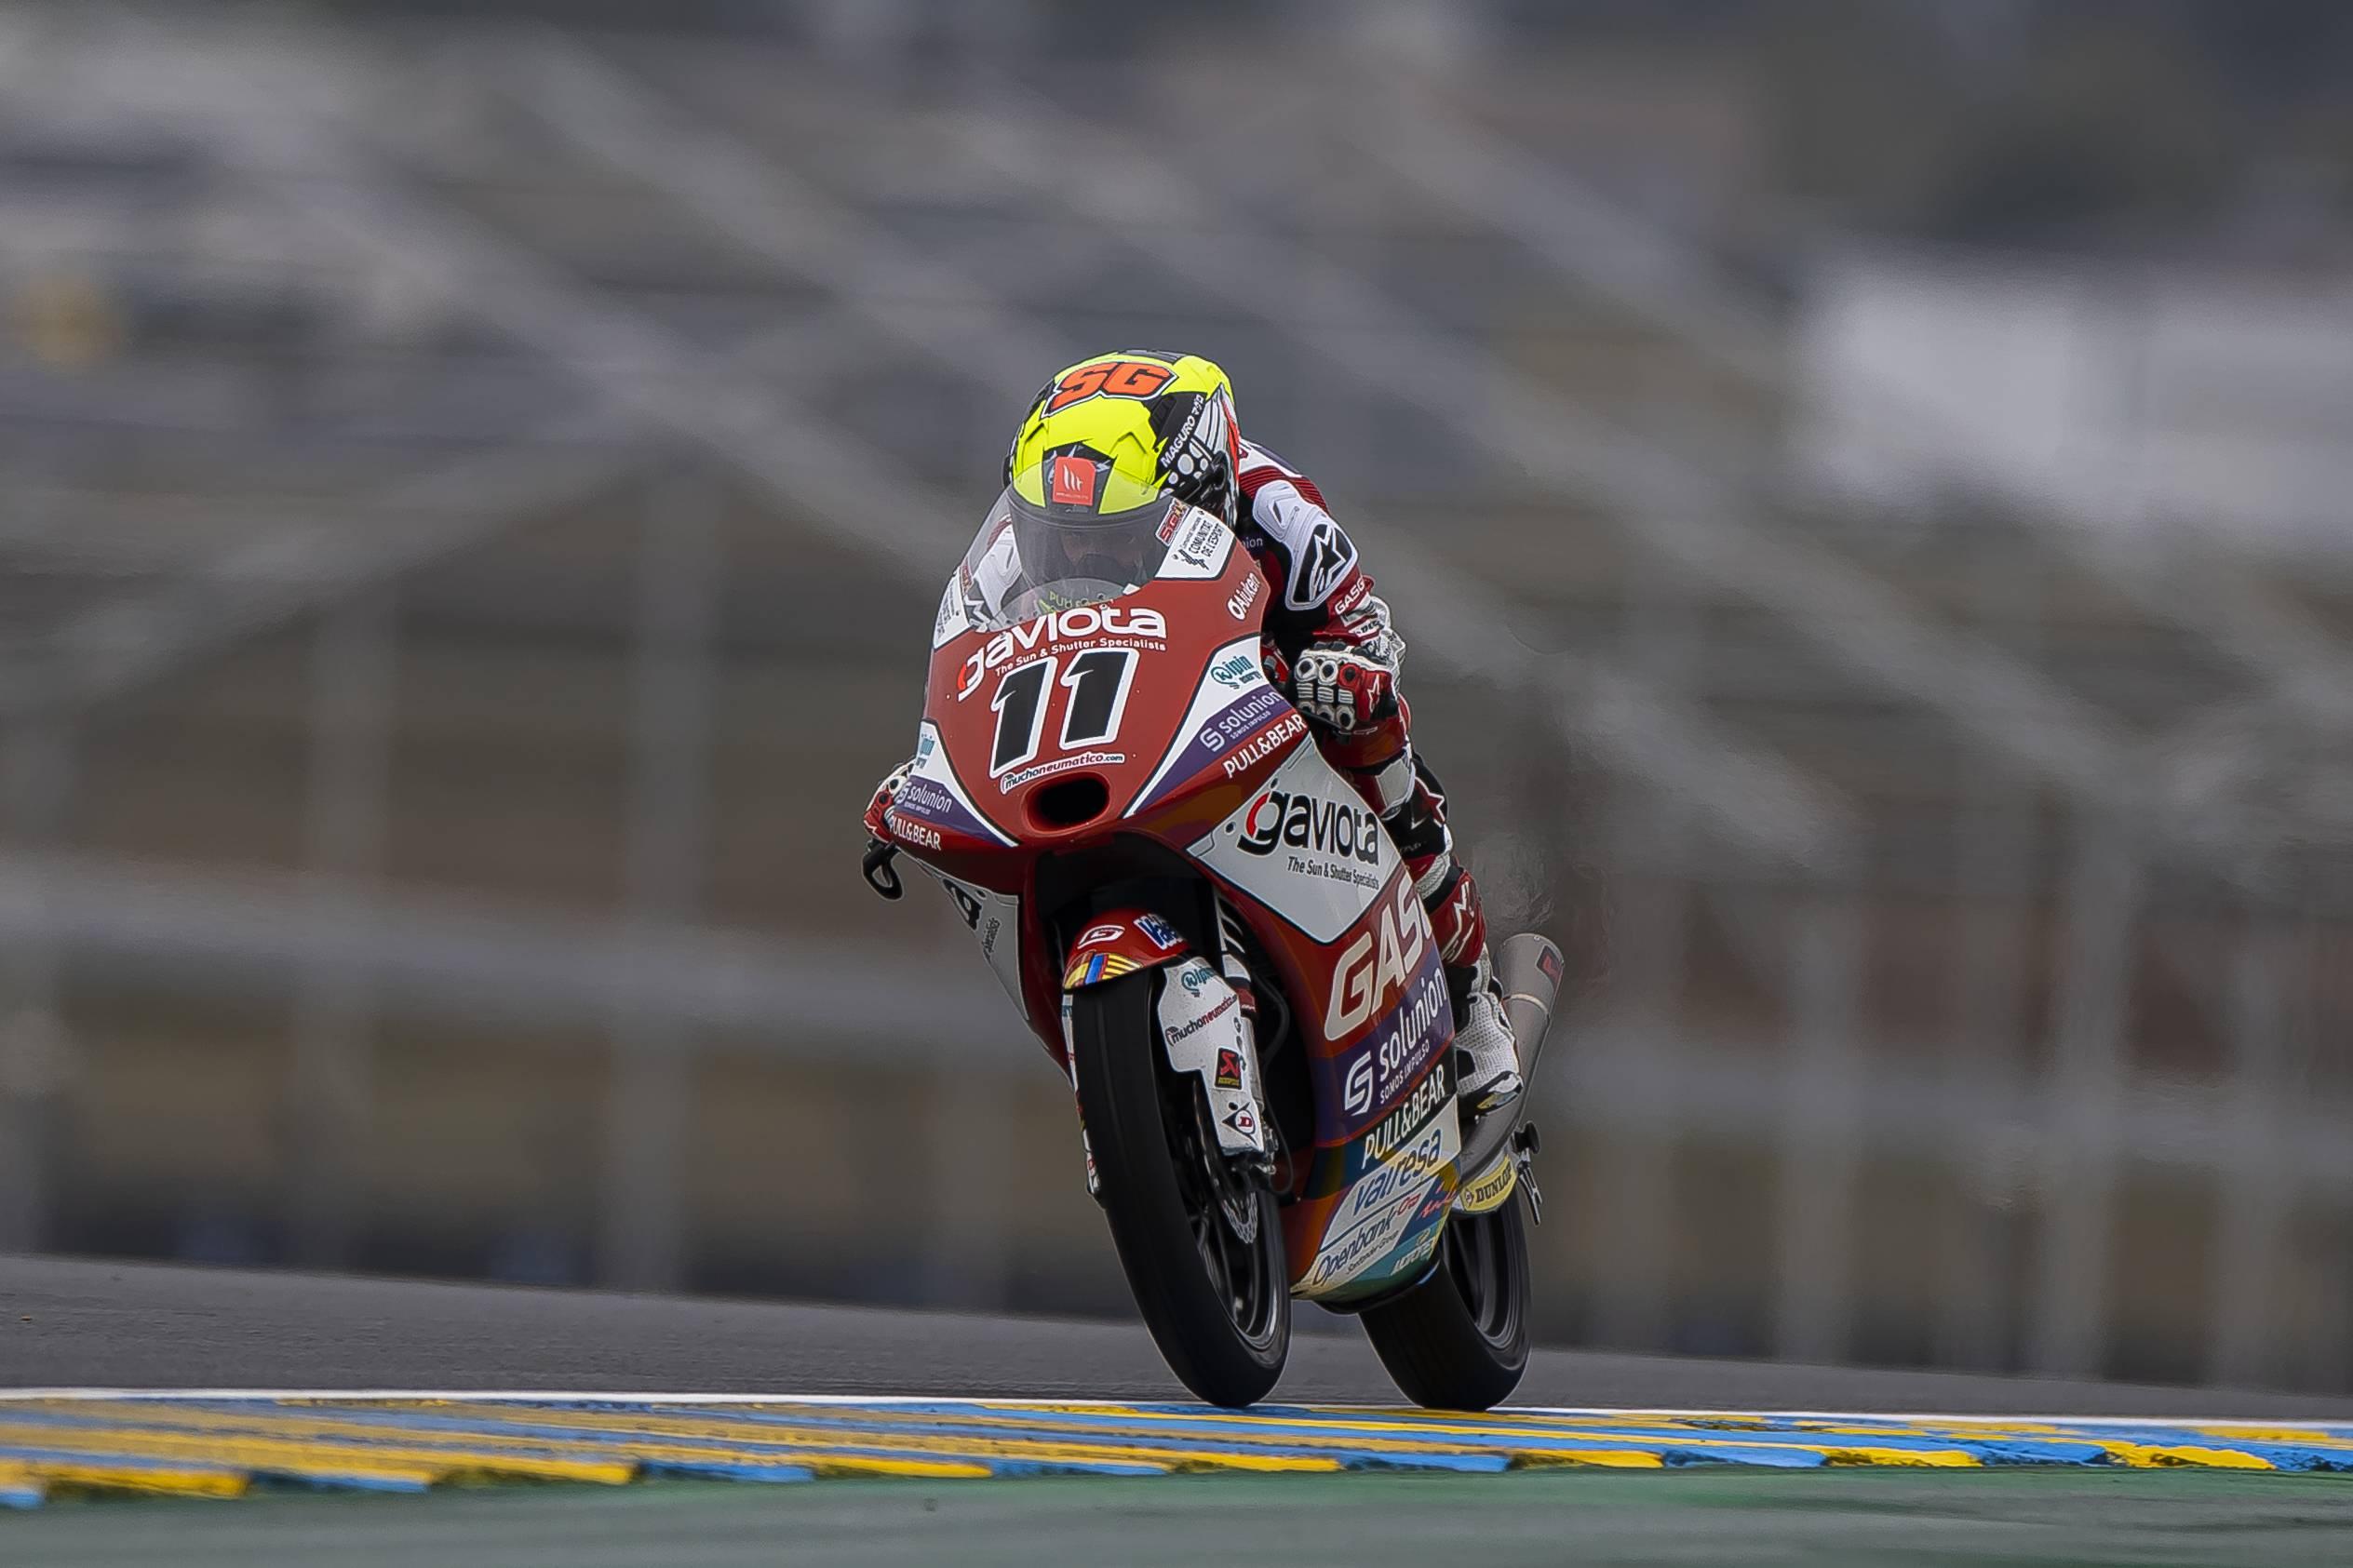 Gran Premio de Francia. Resultado de la carrera de Moto3